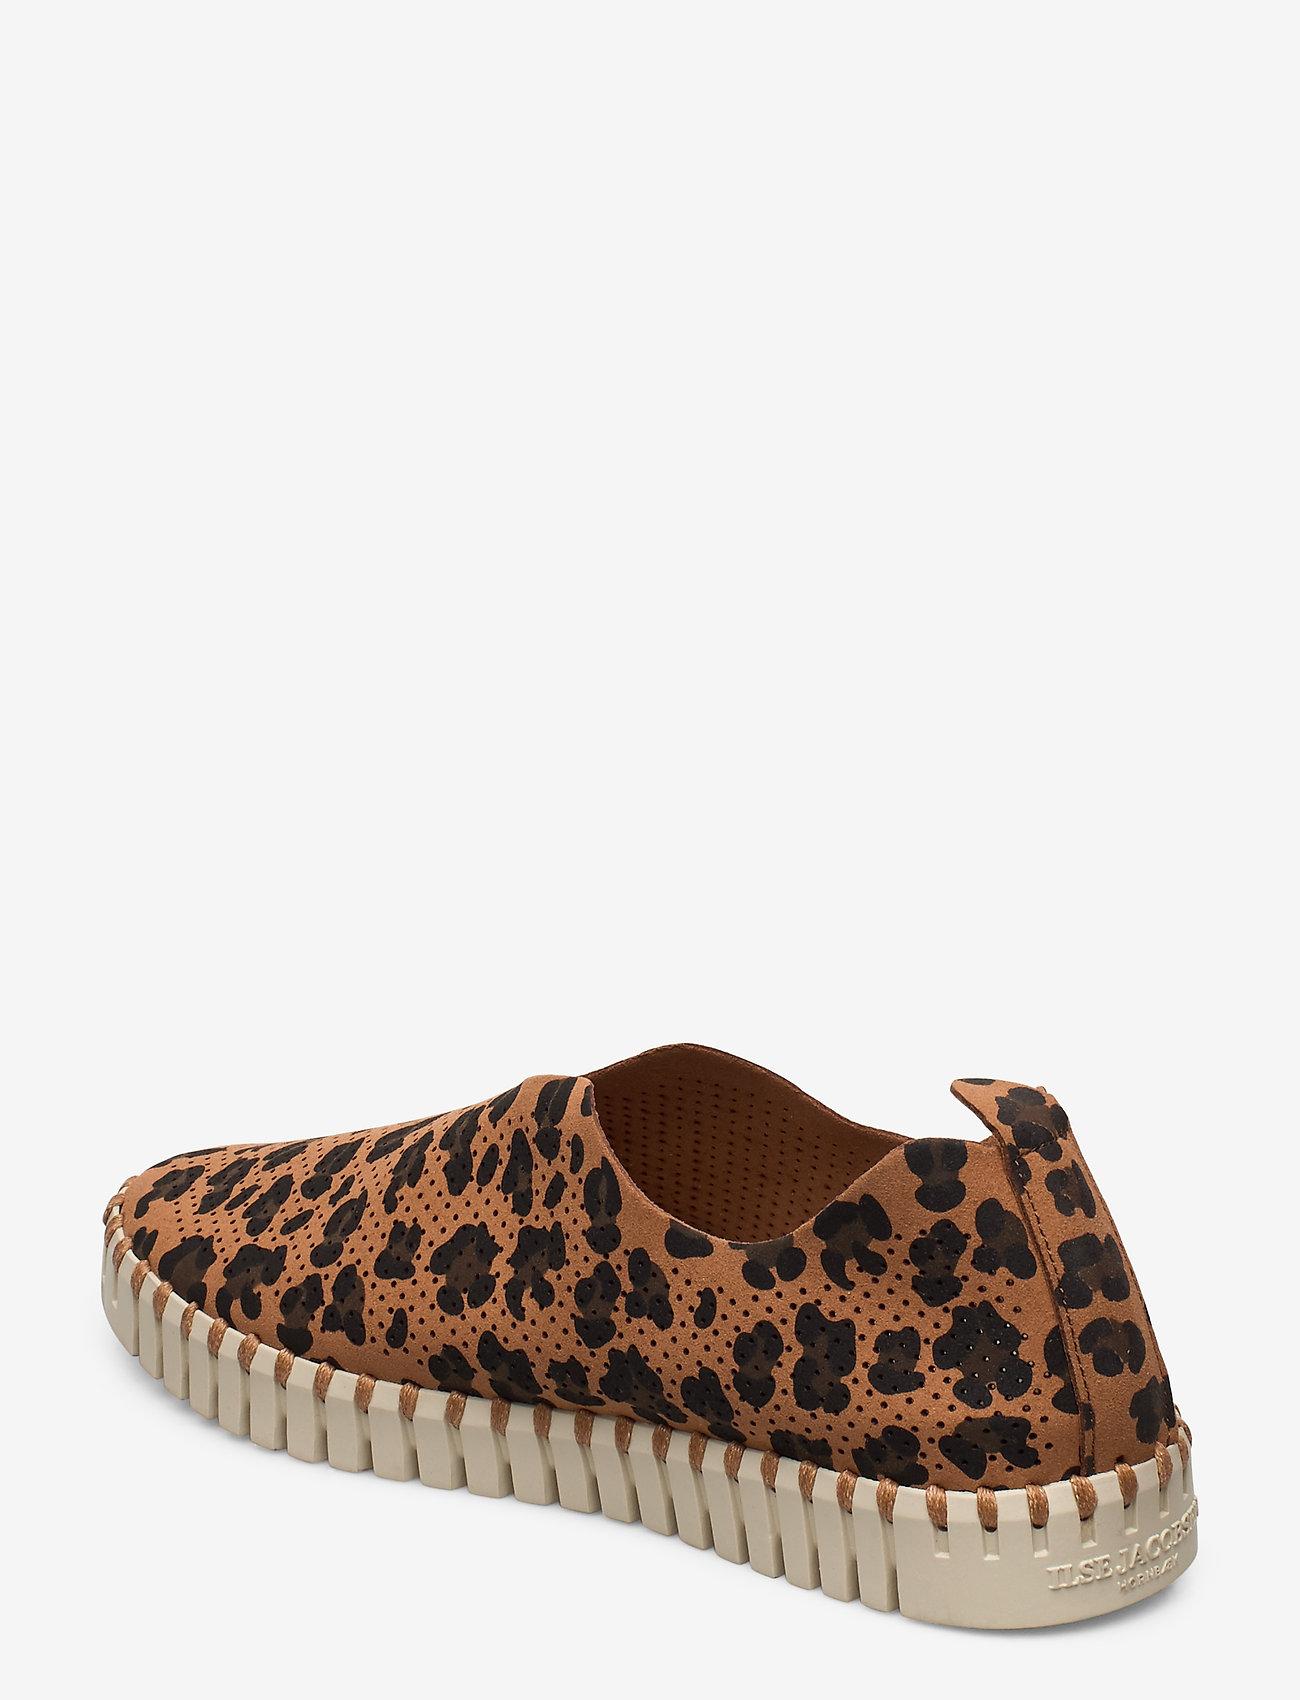 Ilse Jacobsen - Flats - slip-on sneakers - chestnut - 1